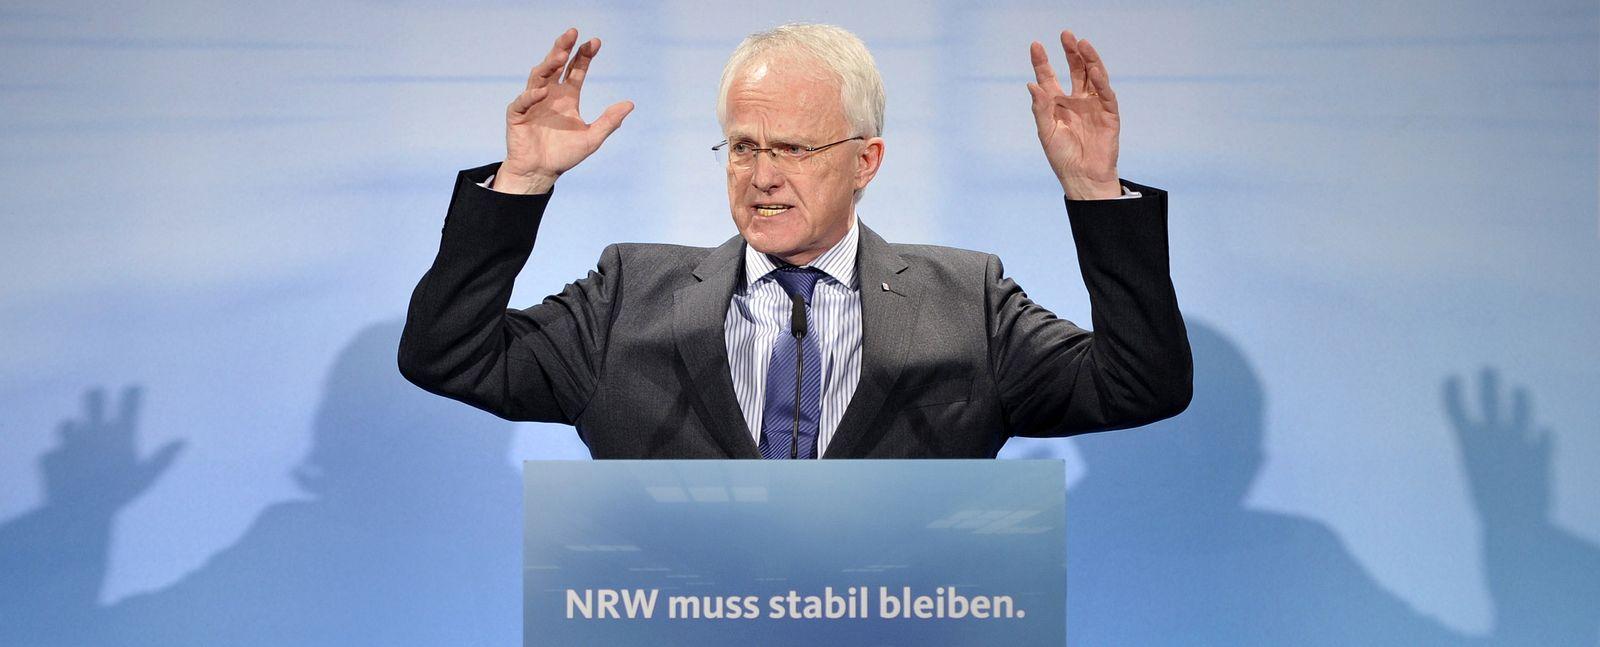 NICHT VERWENDEN Jürgen Rüttgers